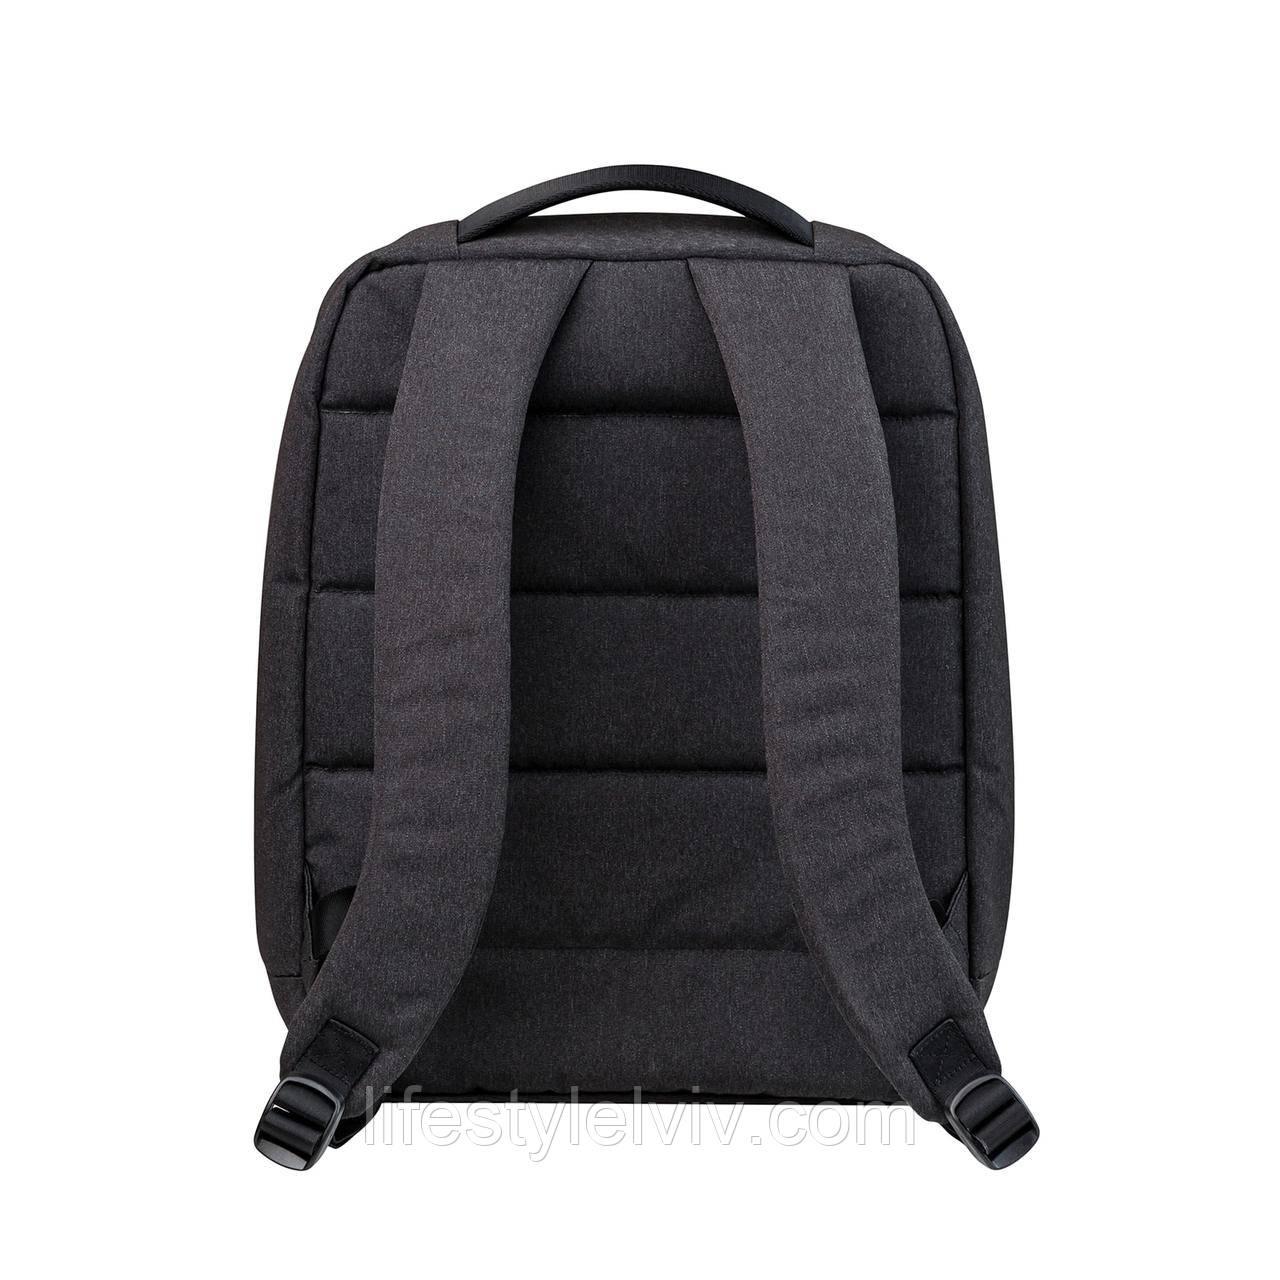 Рюкзак Xiaomi Urban Life Style 2 Подарка Есть 2 Цвета